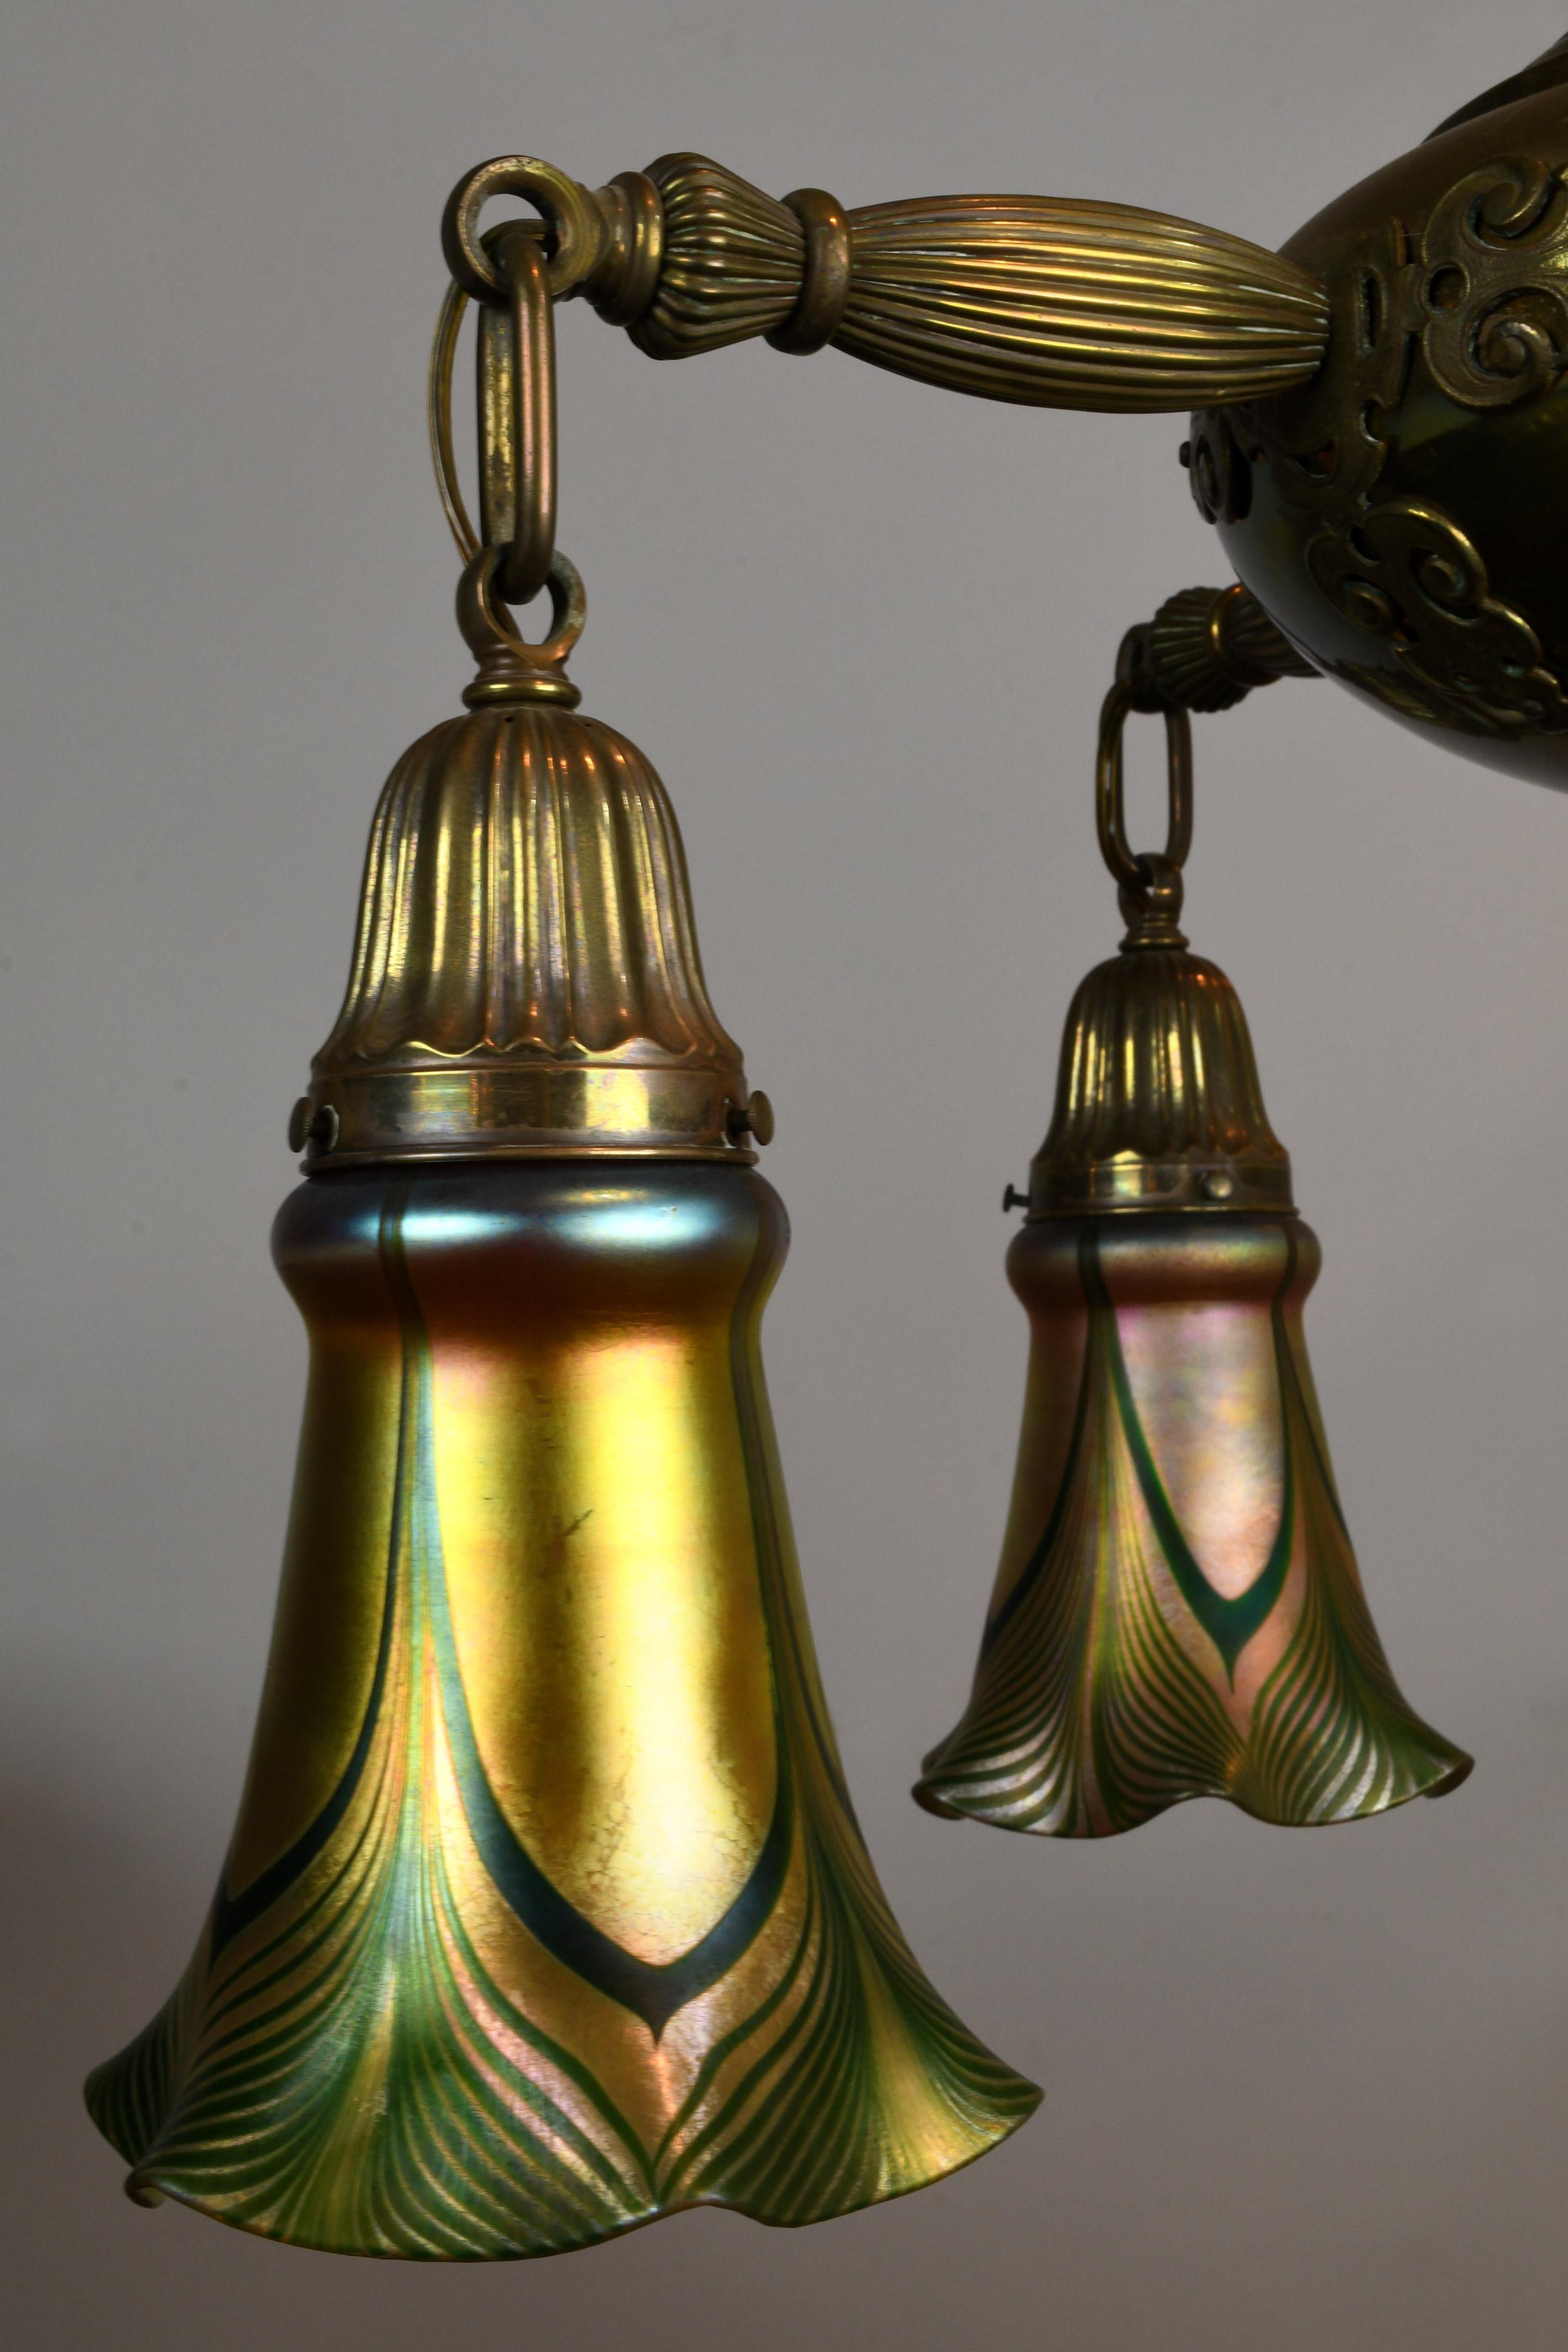 Five Arm Brass Chandelier Hurricane Glass Shades